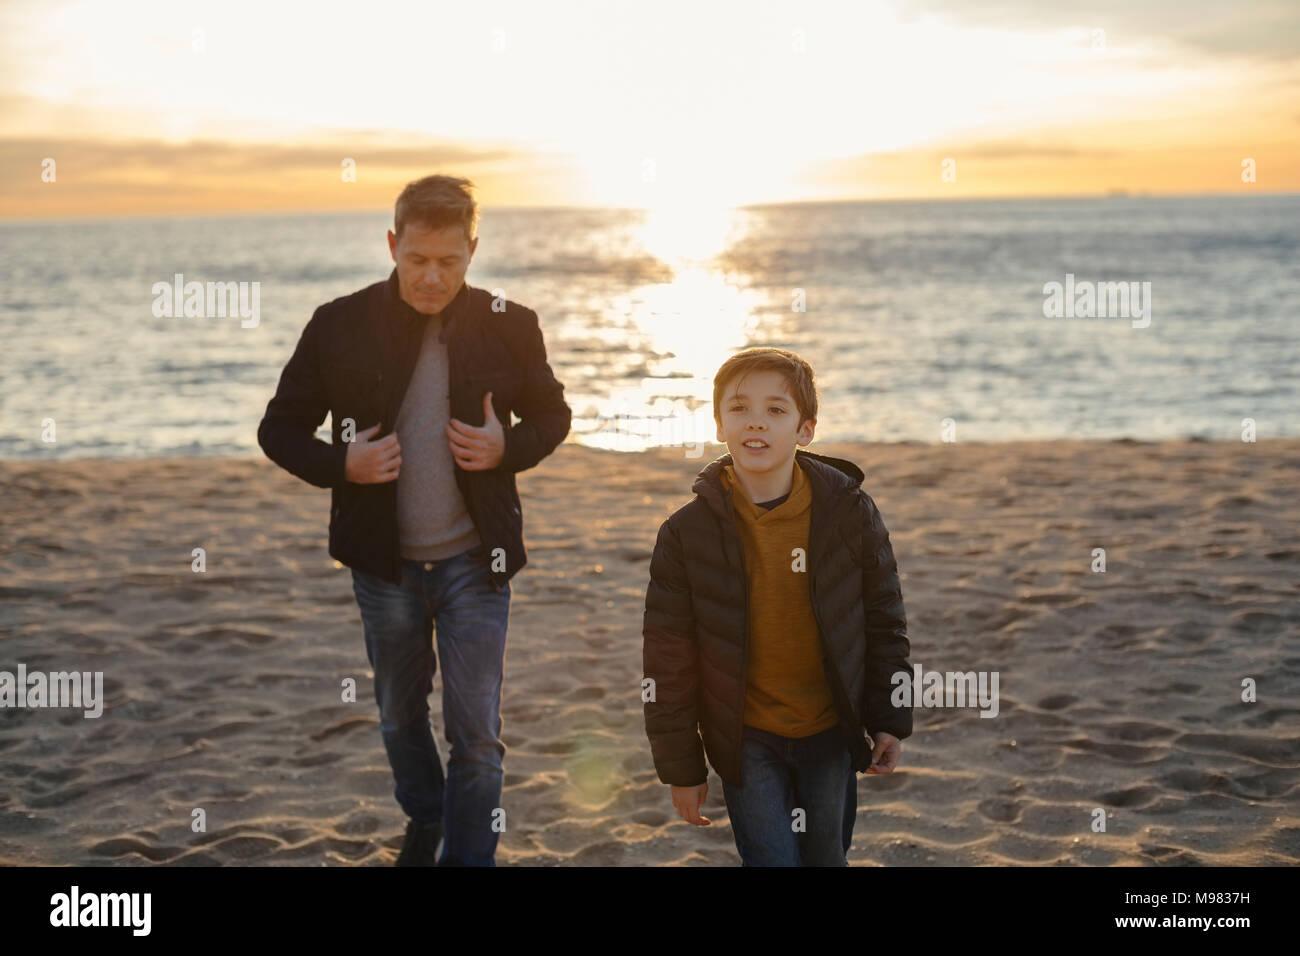 Padre e hijo, caminando por la playa al atardecer Imagen De Stock